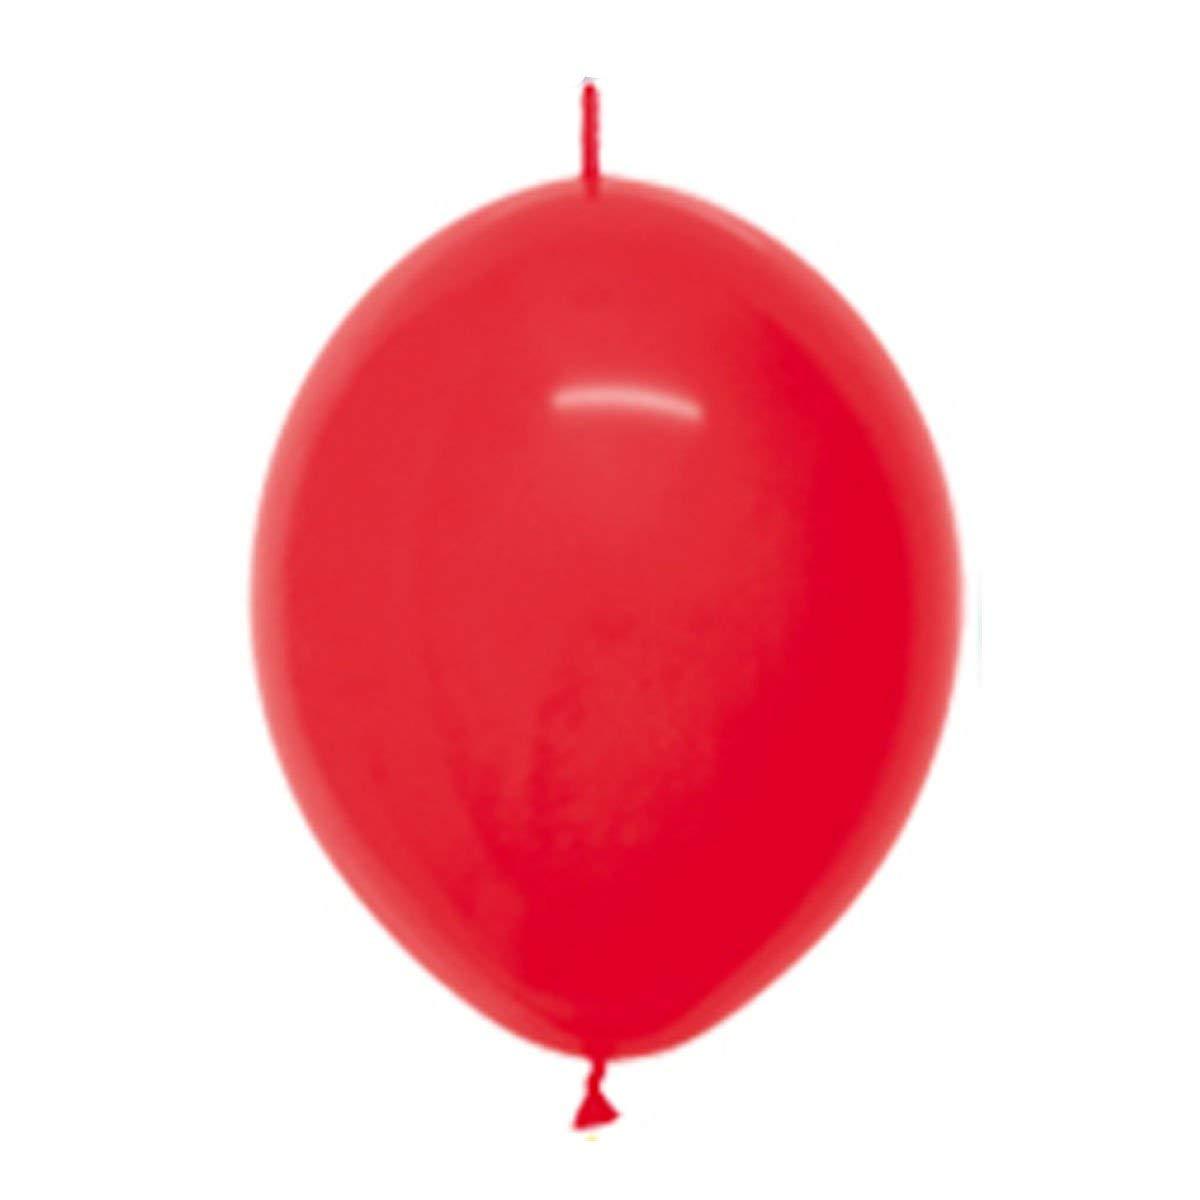 アリードリュークイックリンク10インチラテックスバルーン AX-AY-ABHI-98494  (30 pack), Red B00ZASMQPY